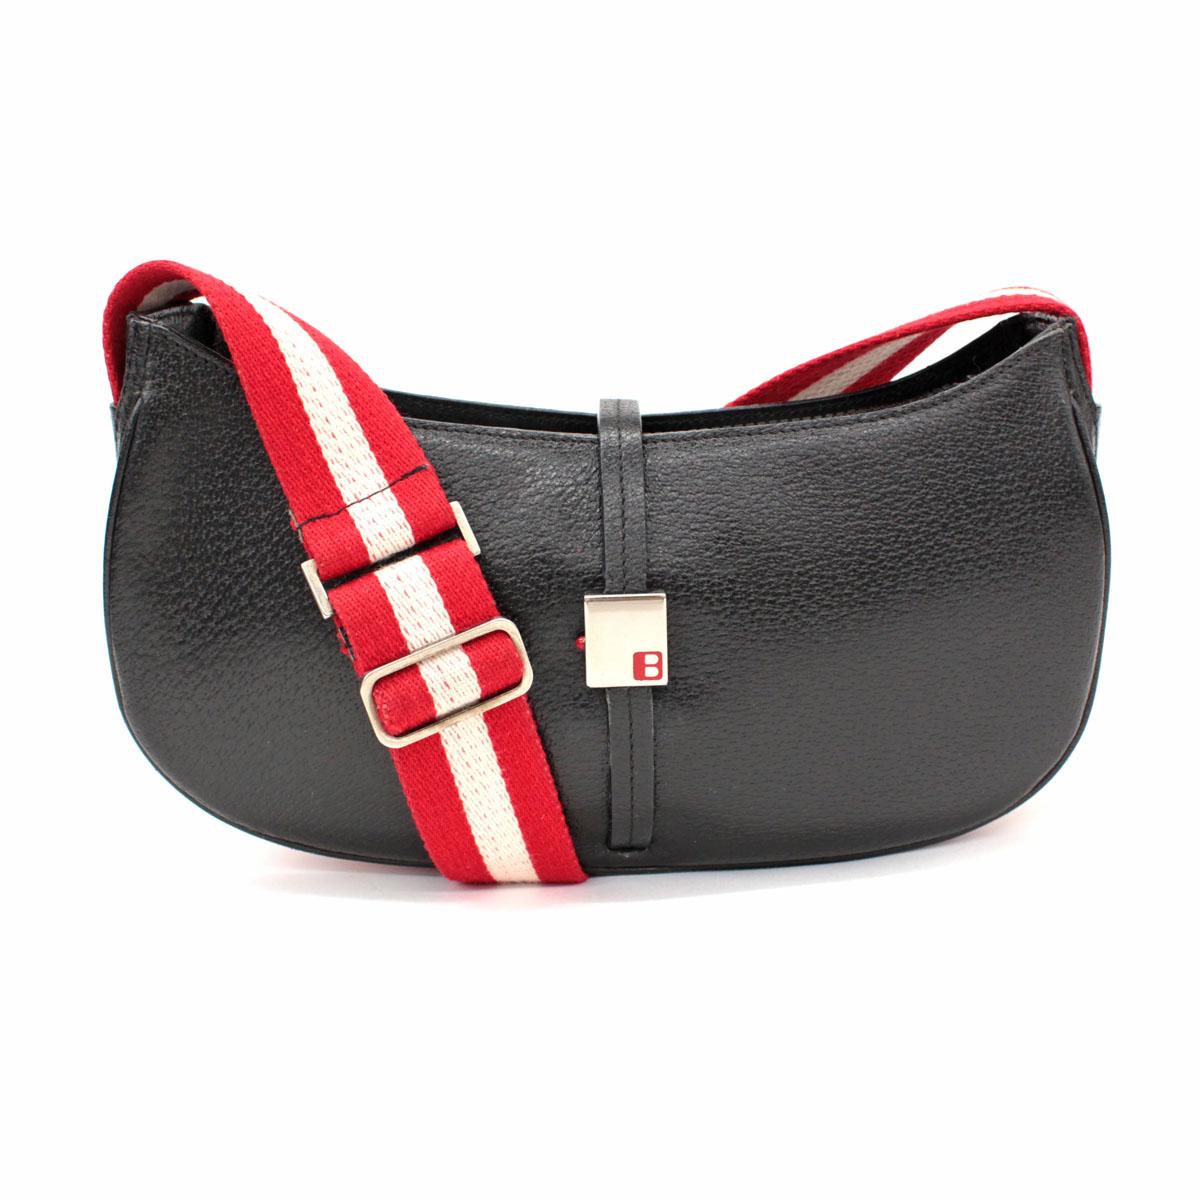 【中古】◆BALLY バリー ワンショルダーバッグ◆ black /黒/ブラック/レザー/肩掛け/レディース/鞄